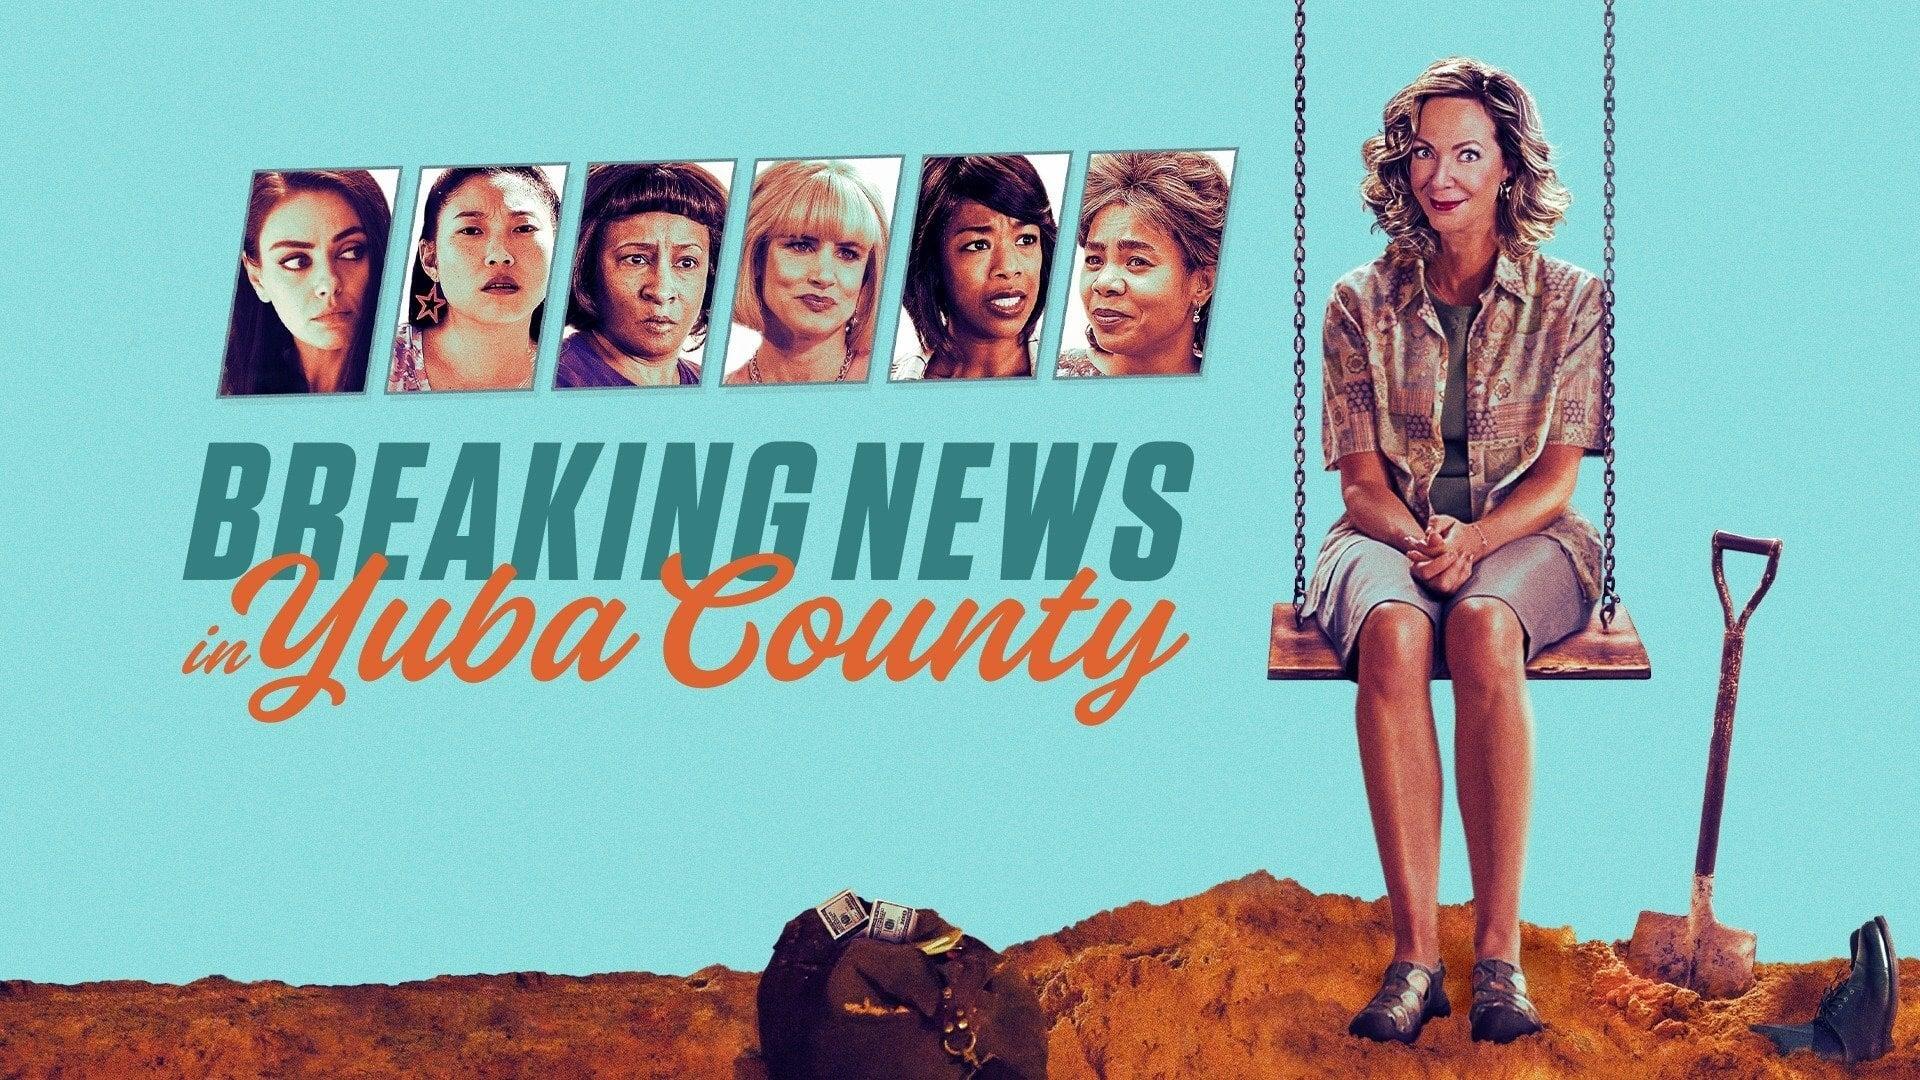 Breaking News in Yuba County